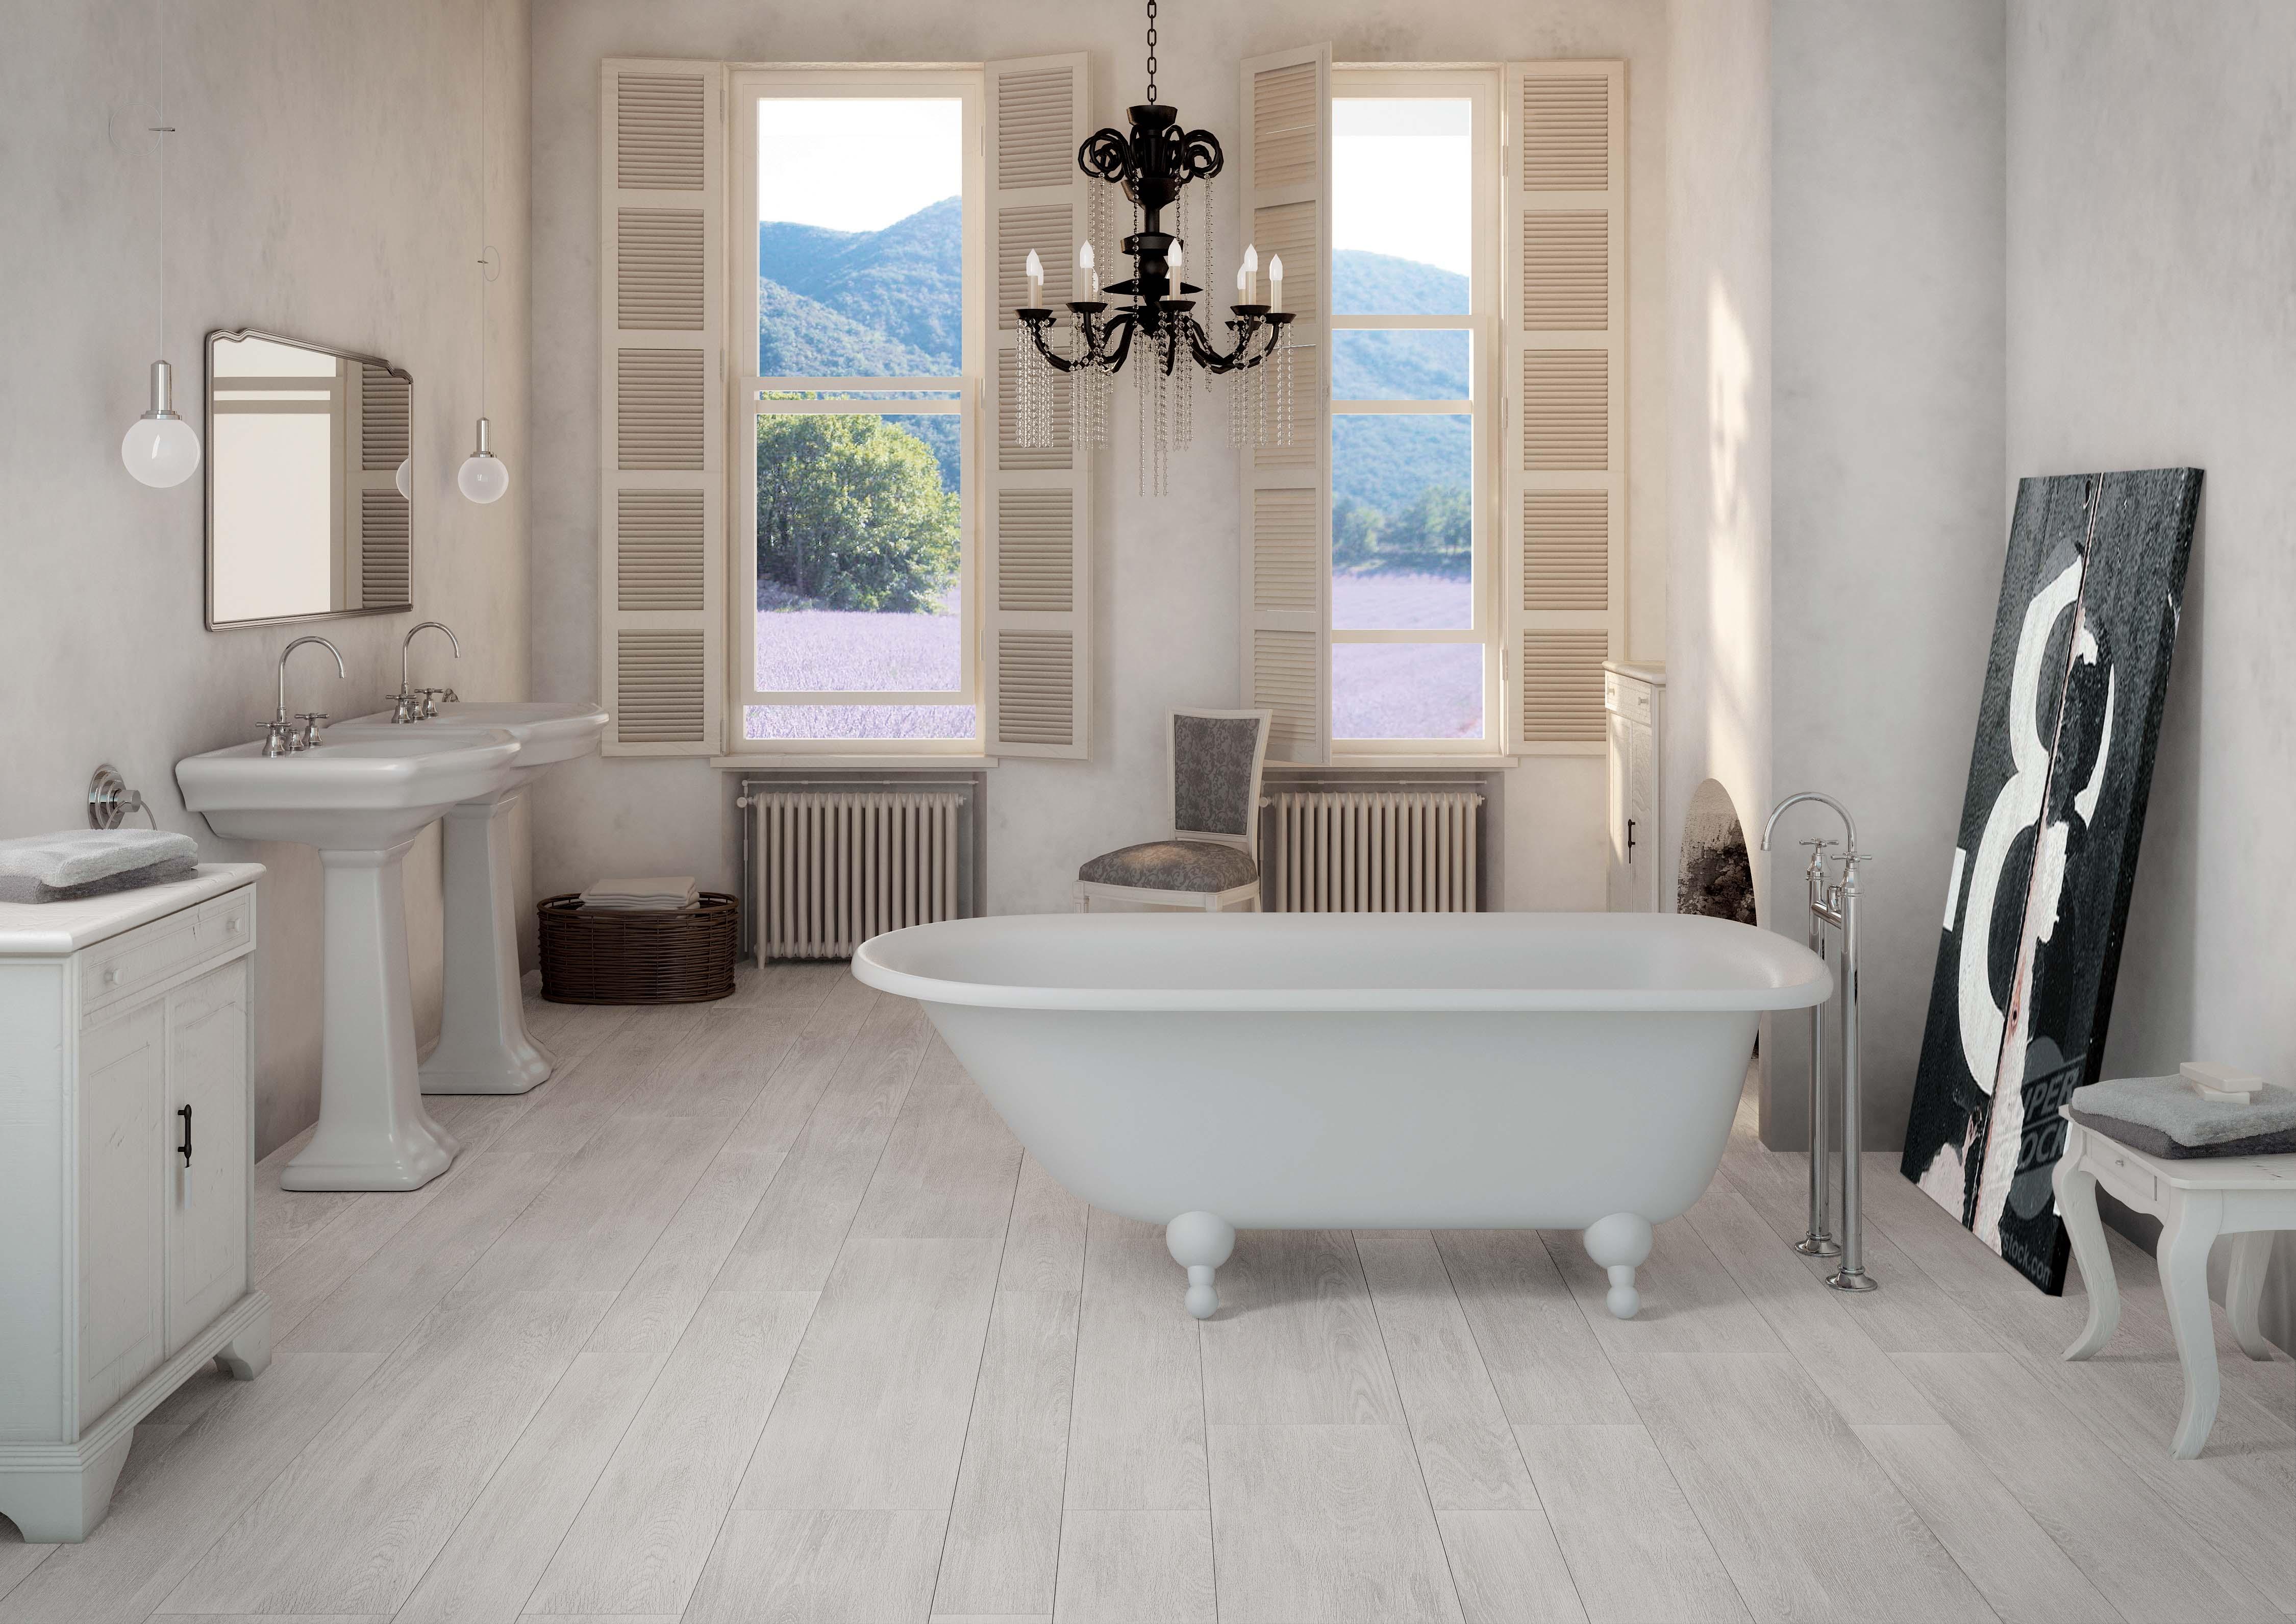 4245_Mirage_Allways_Bathroom_AW01_Fence